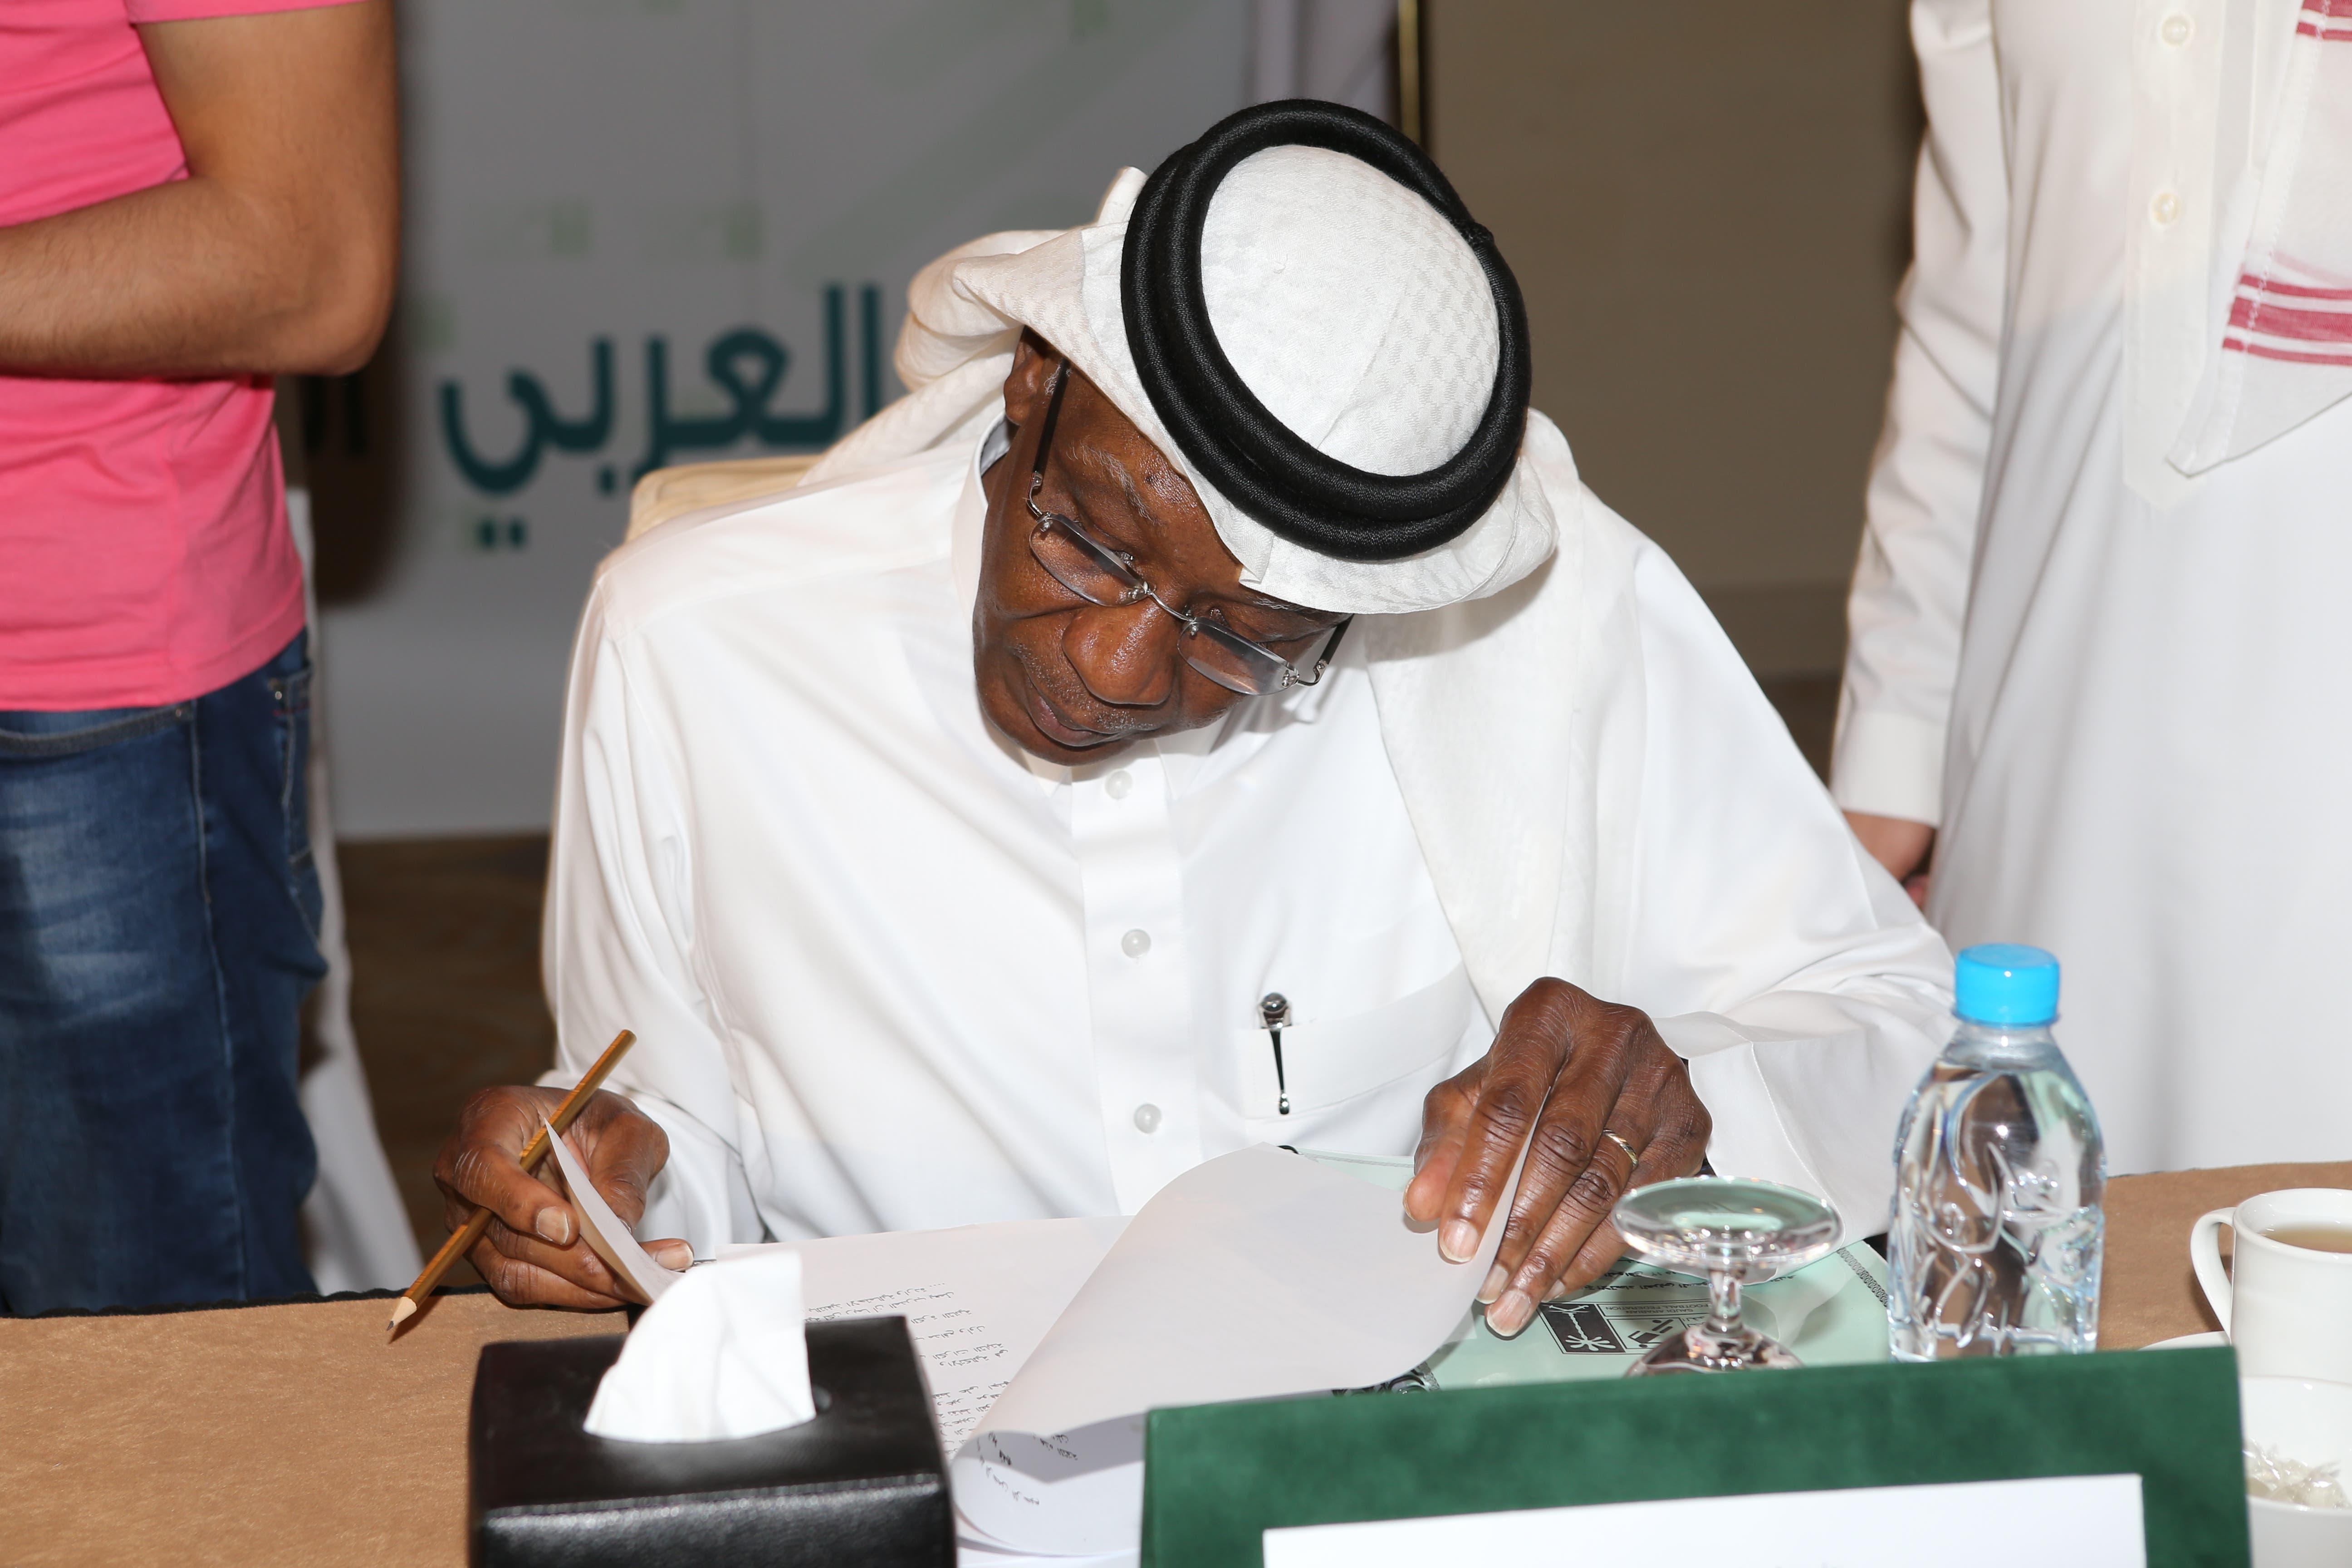 رئيس الاتحاد السعودي عيد خلال اجتماع طارئ عقد بمدينة جدة يوم الجمعة